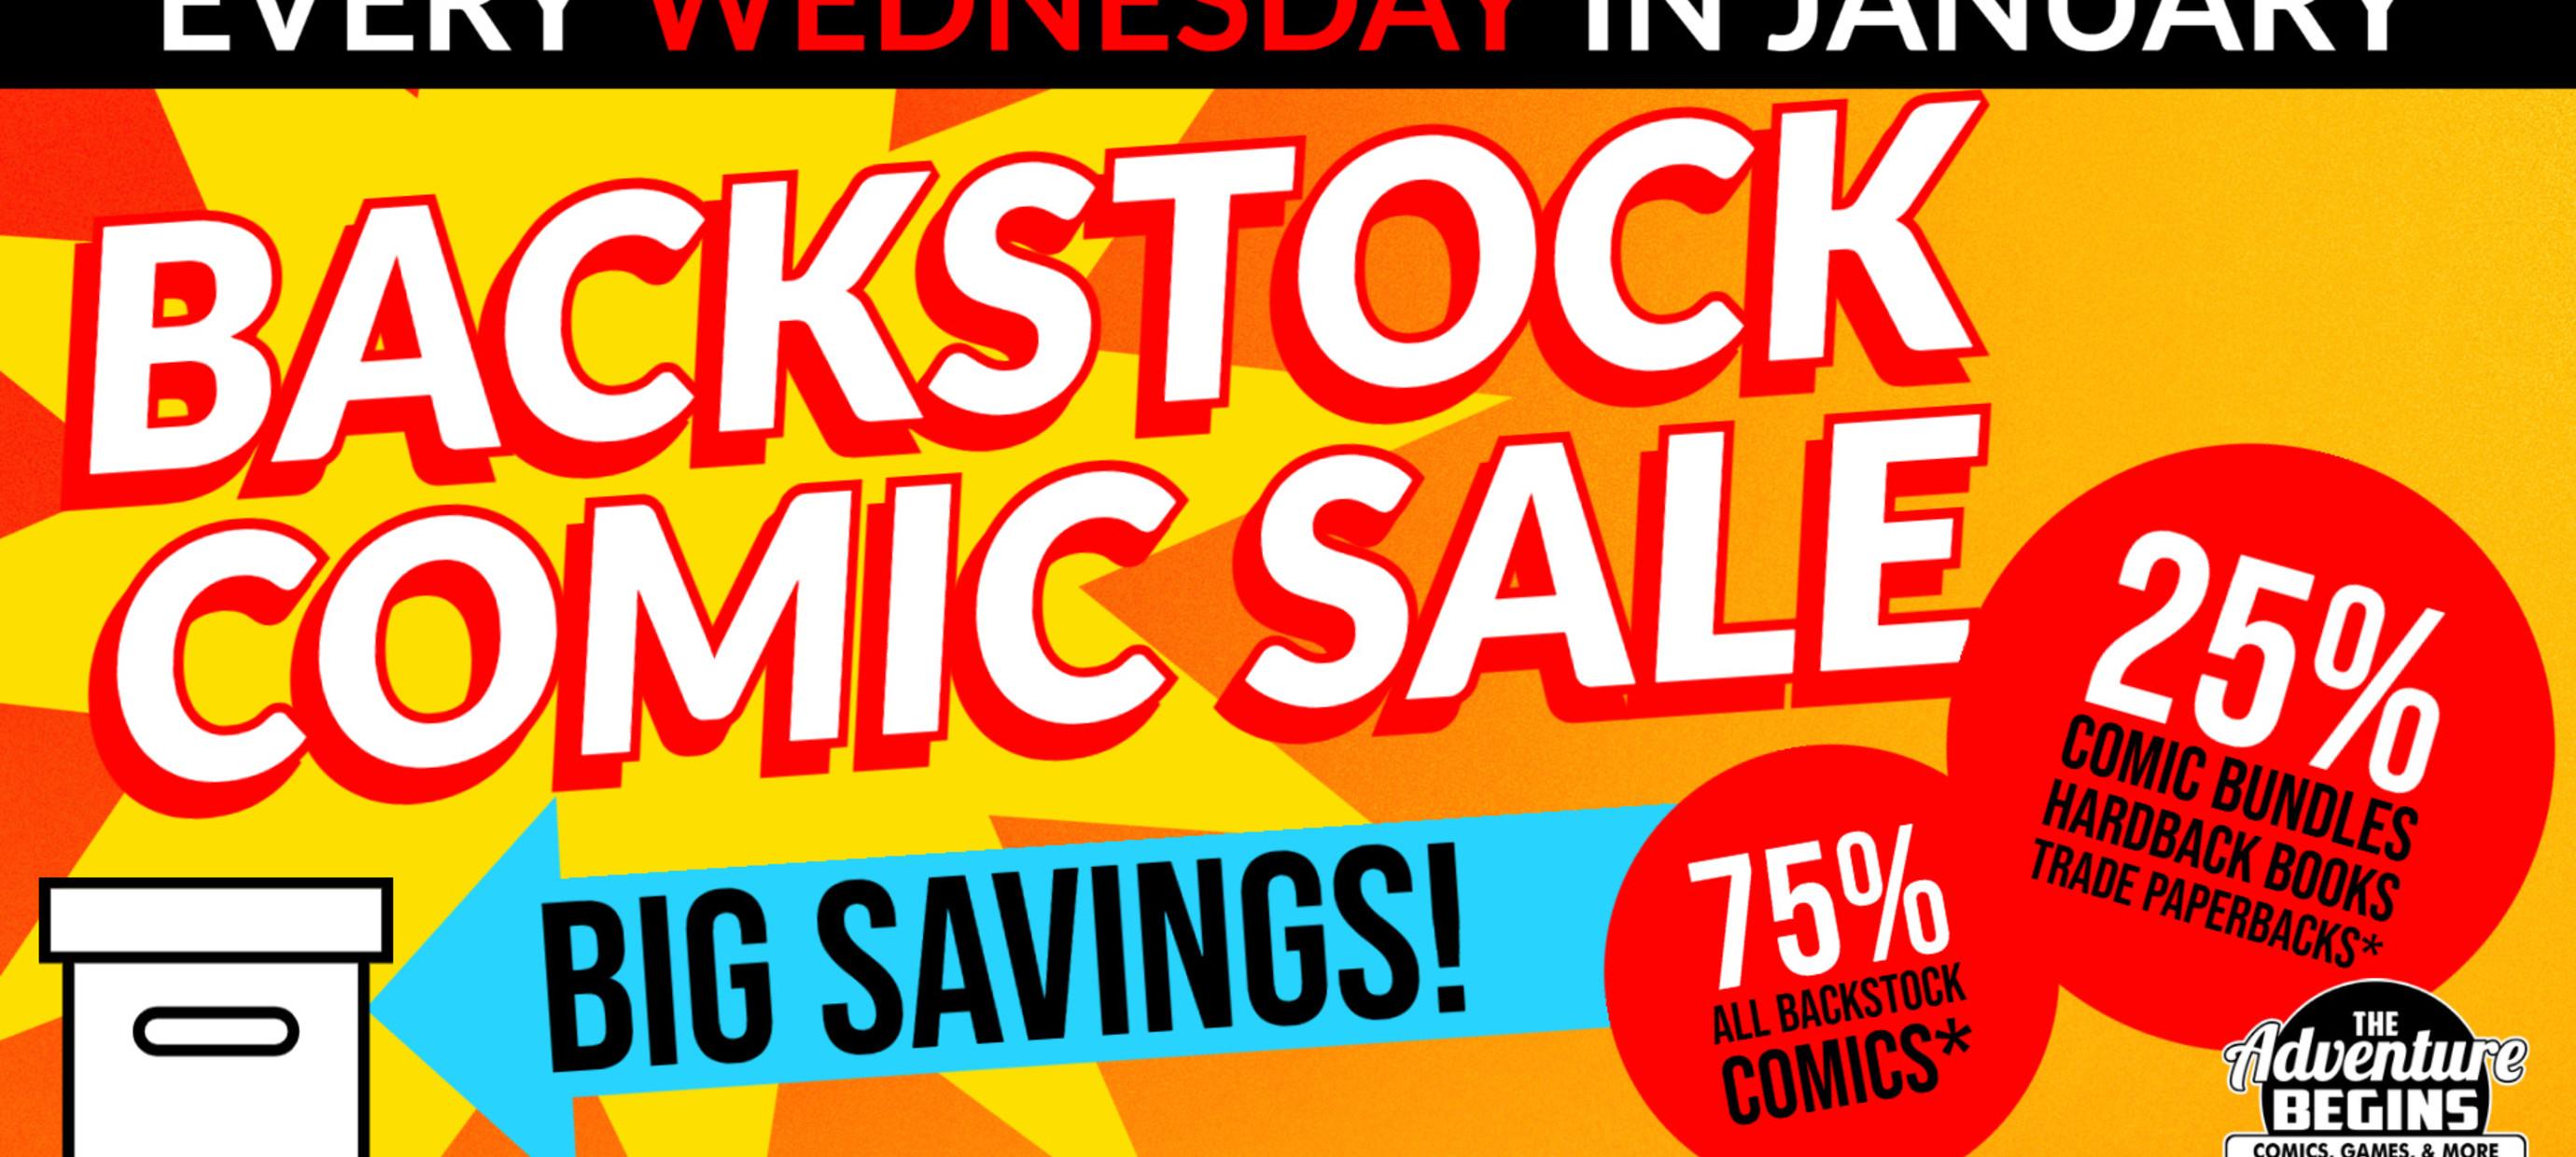 Comics Comics Comics!   Back Stock Comics!